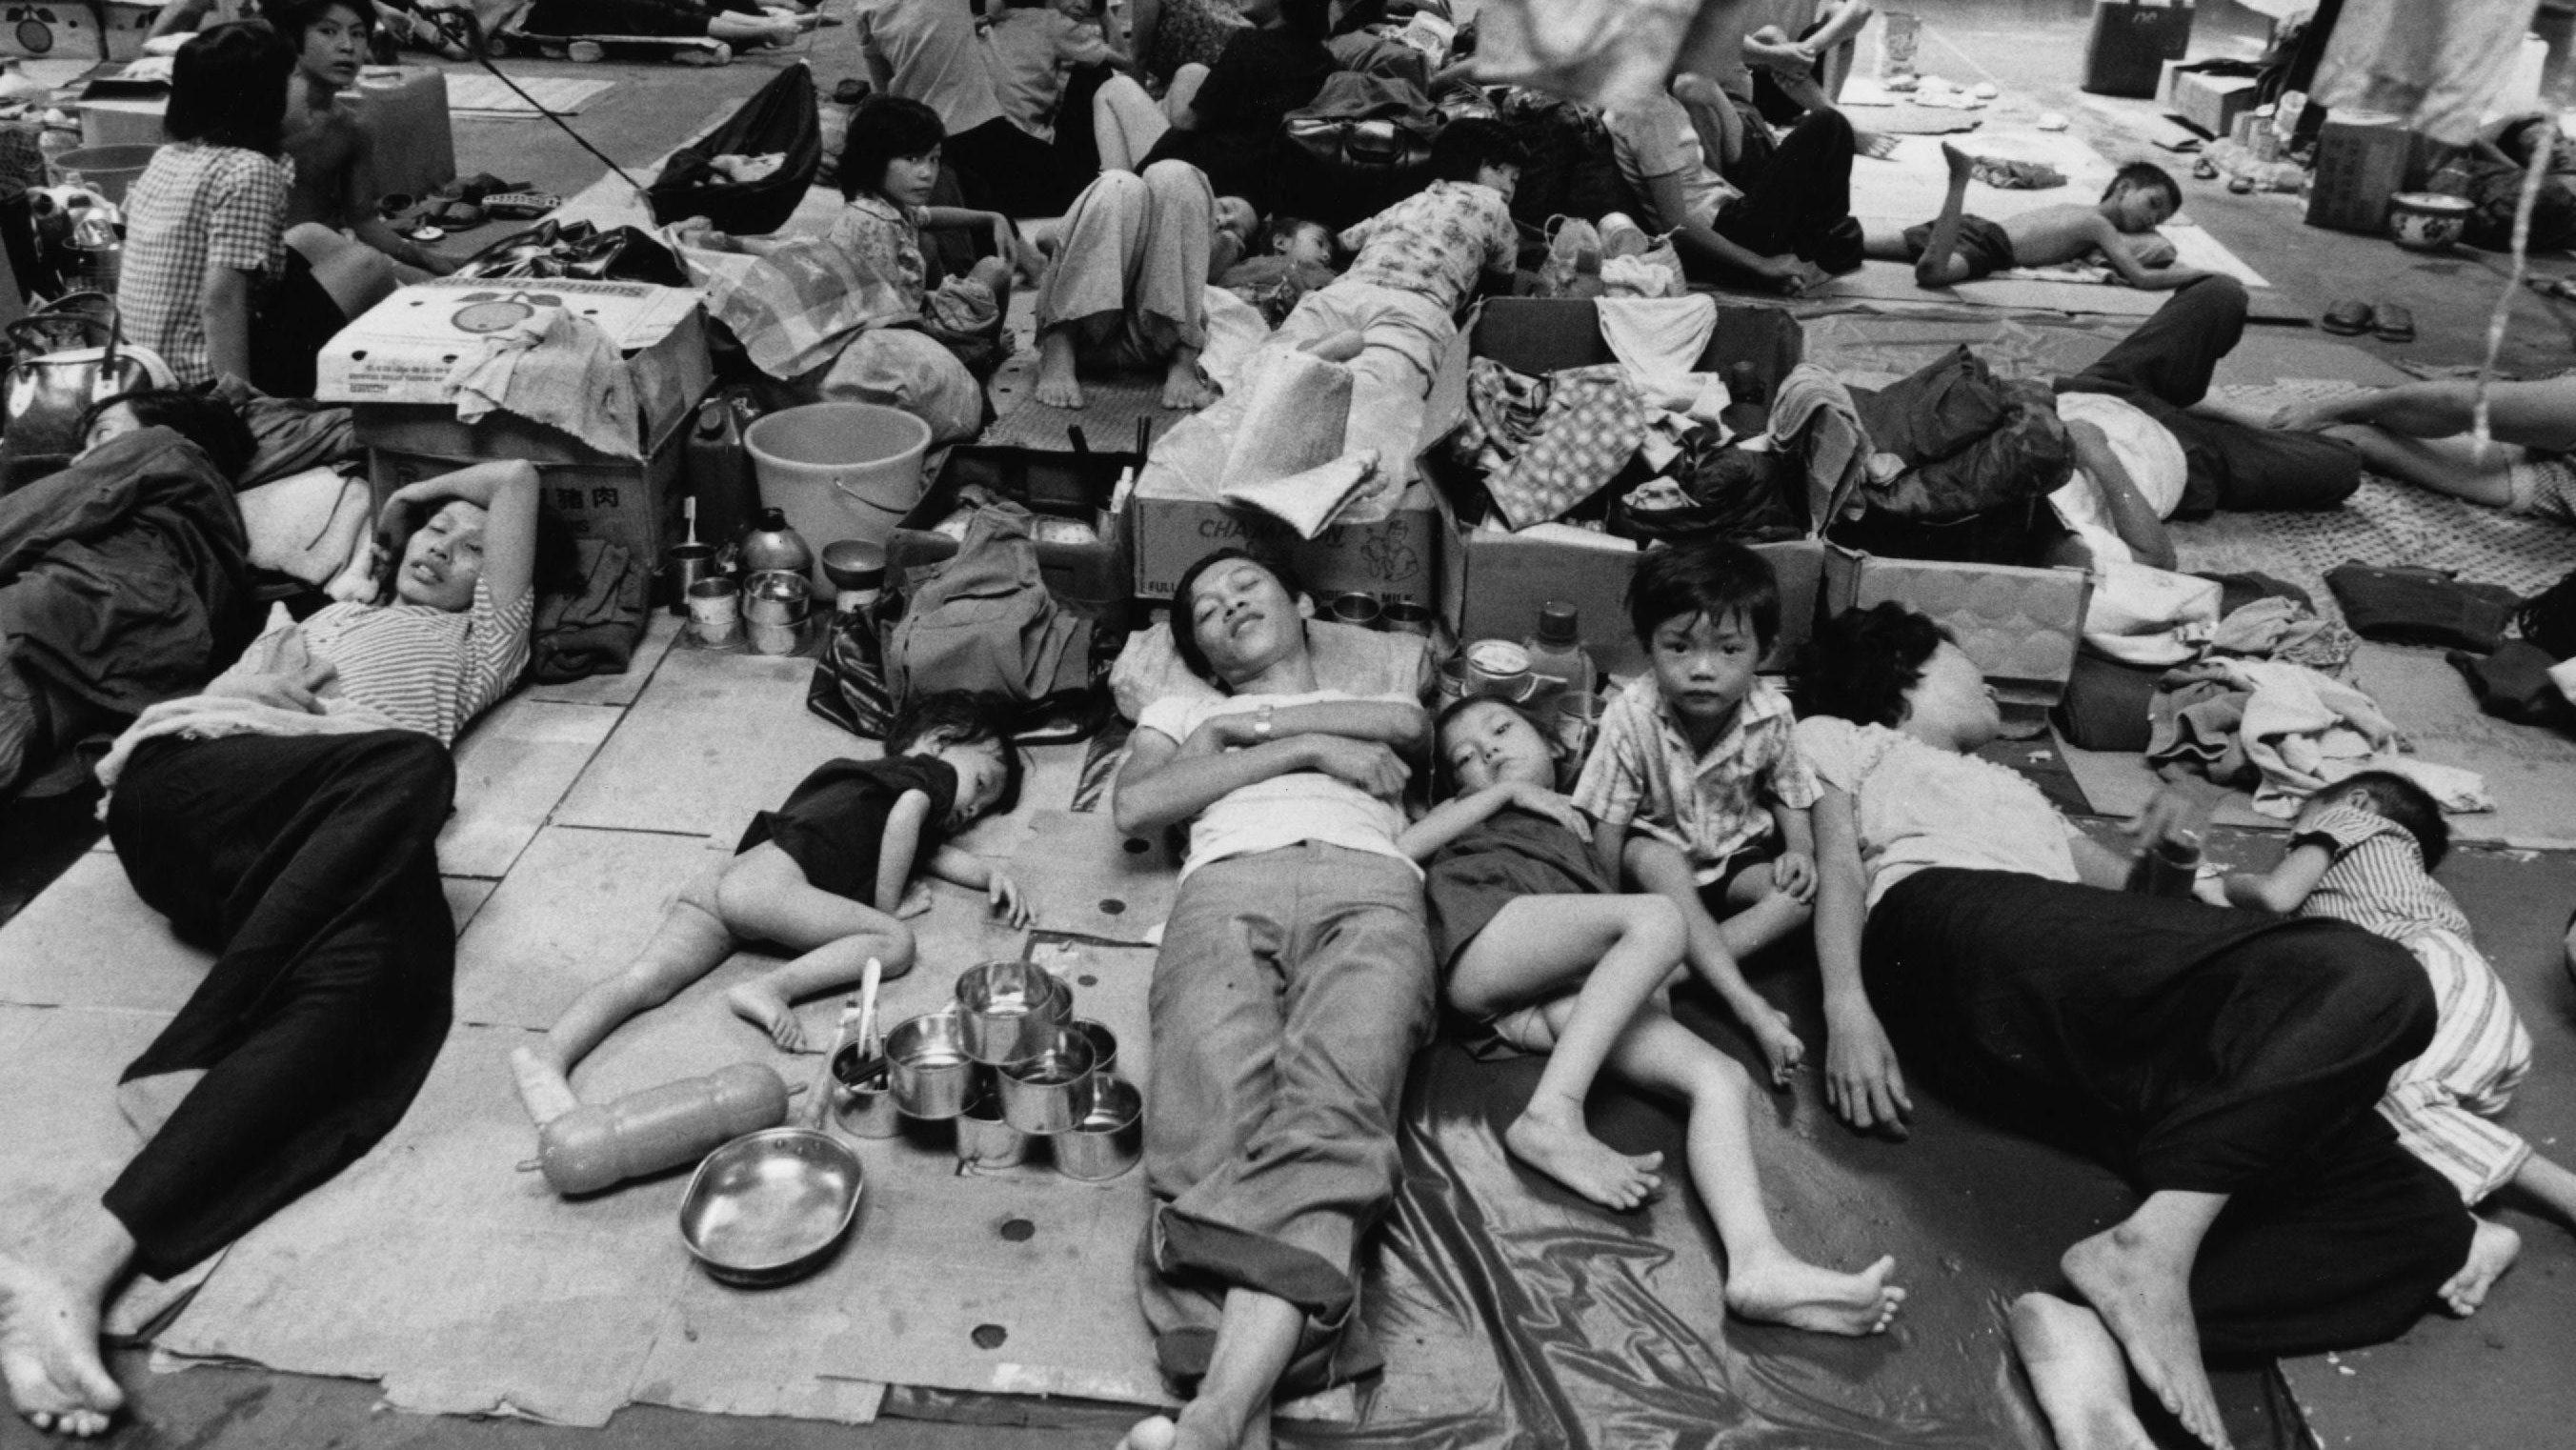 L'impresa della Marina Militare Italiana che cambiò la vita di migliaia di persone